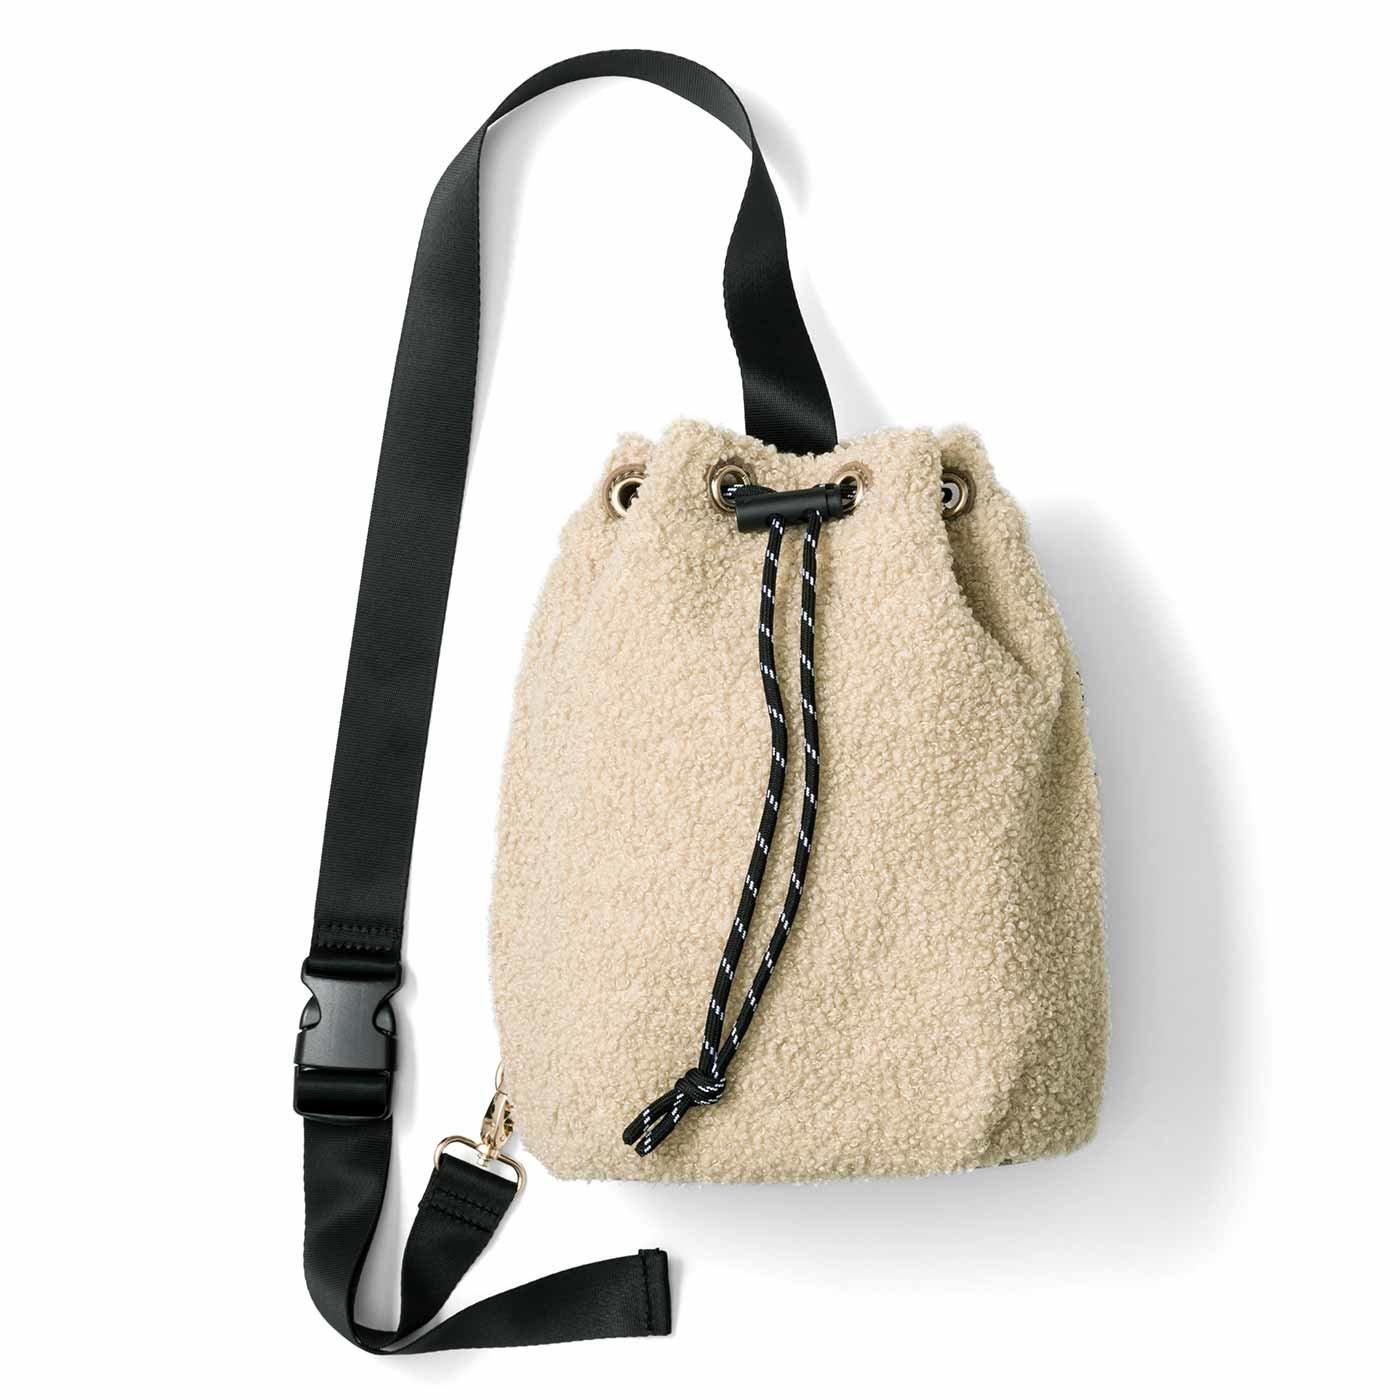 UP.de やさしくフィットしてサッと取り出せる プードルみたいな巾着(きんちゃく)ボディーバッグ